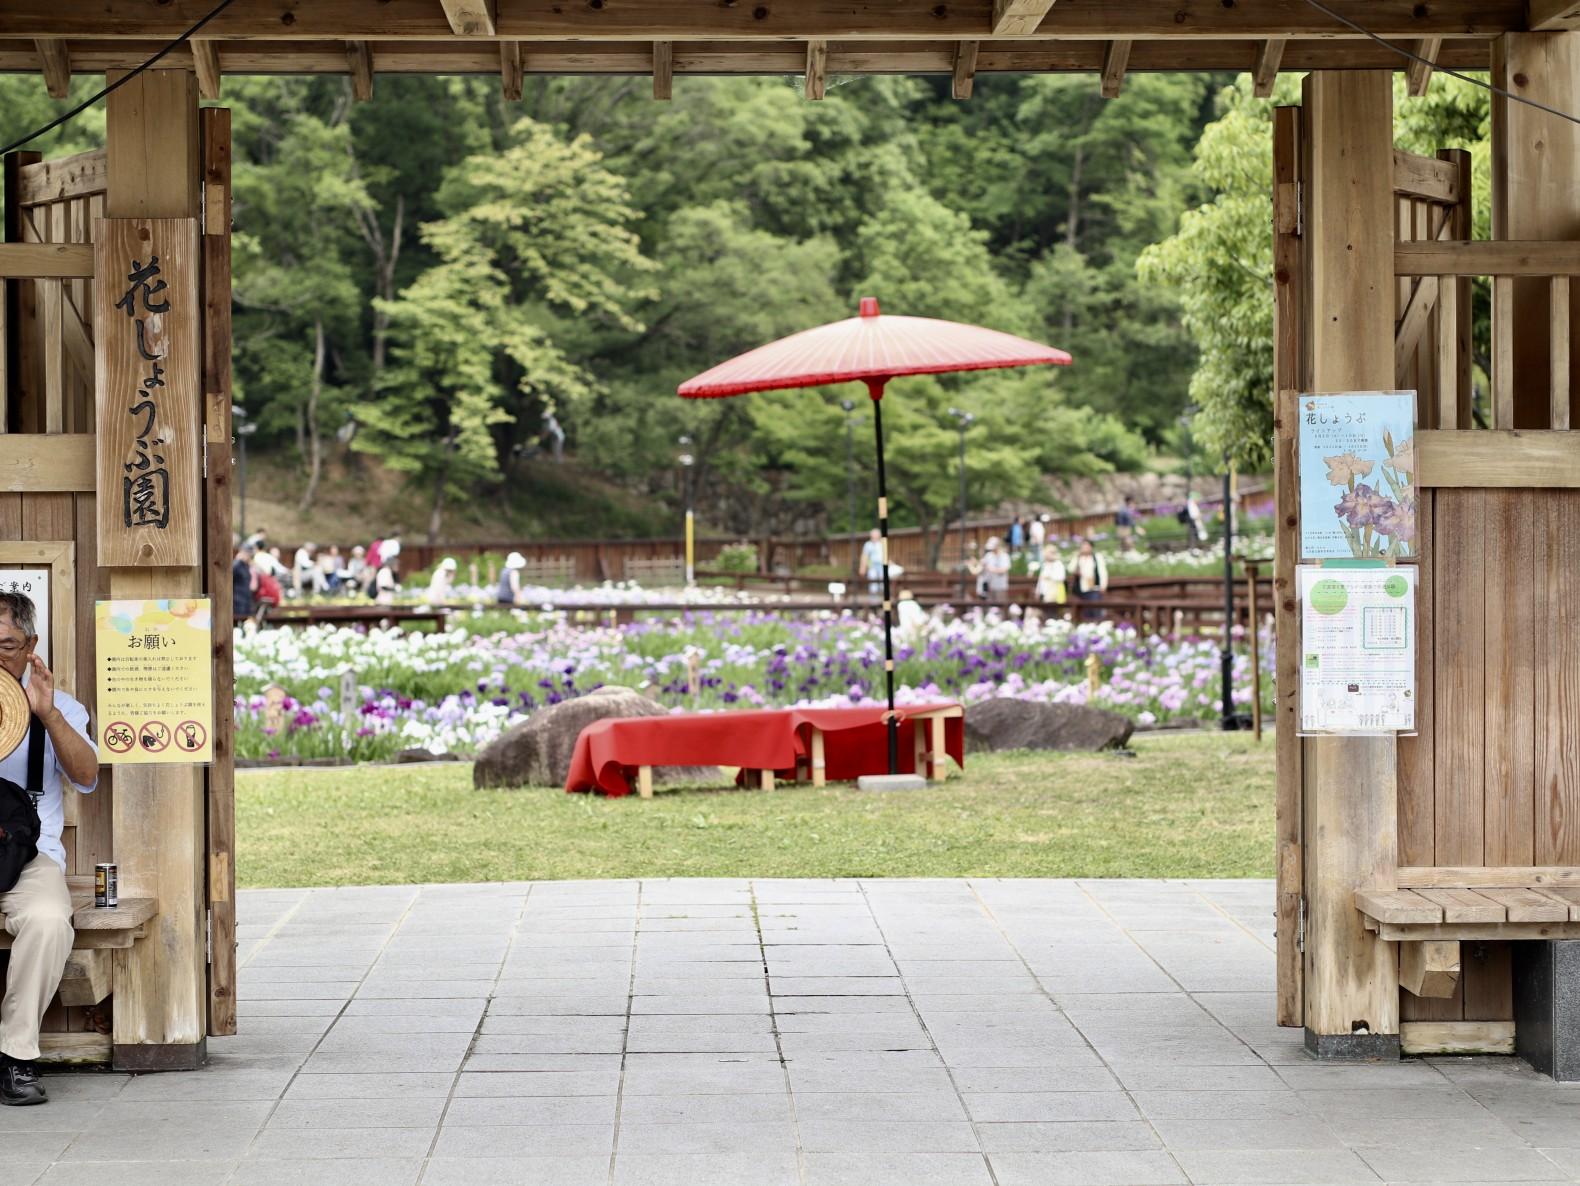 山田池公園花しょうぶ園